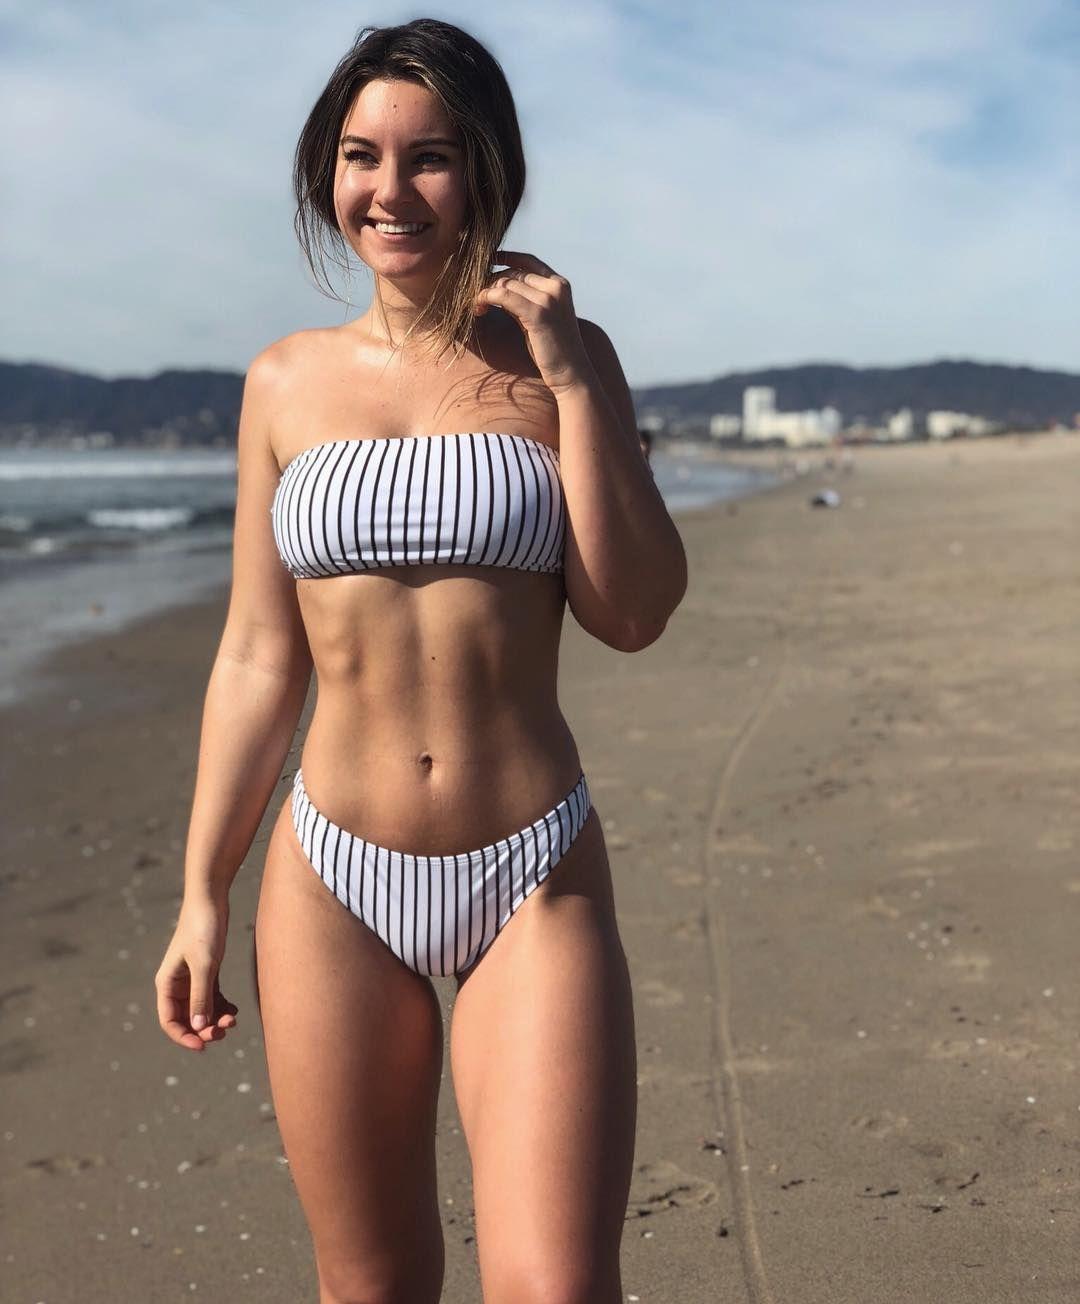 Pin By Kent Malone On Beautiful Women Bikinis Striped Bikini